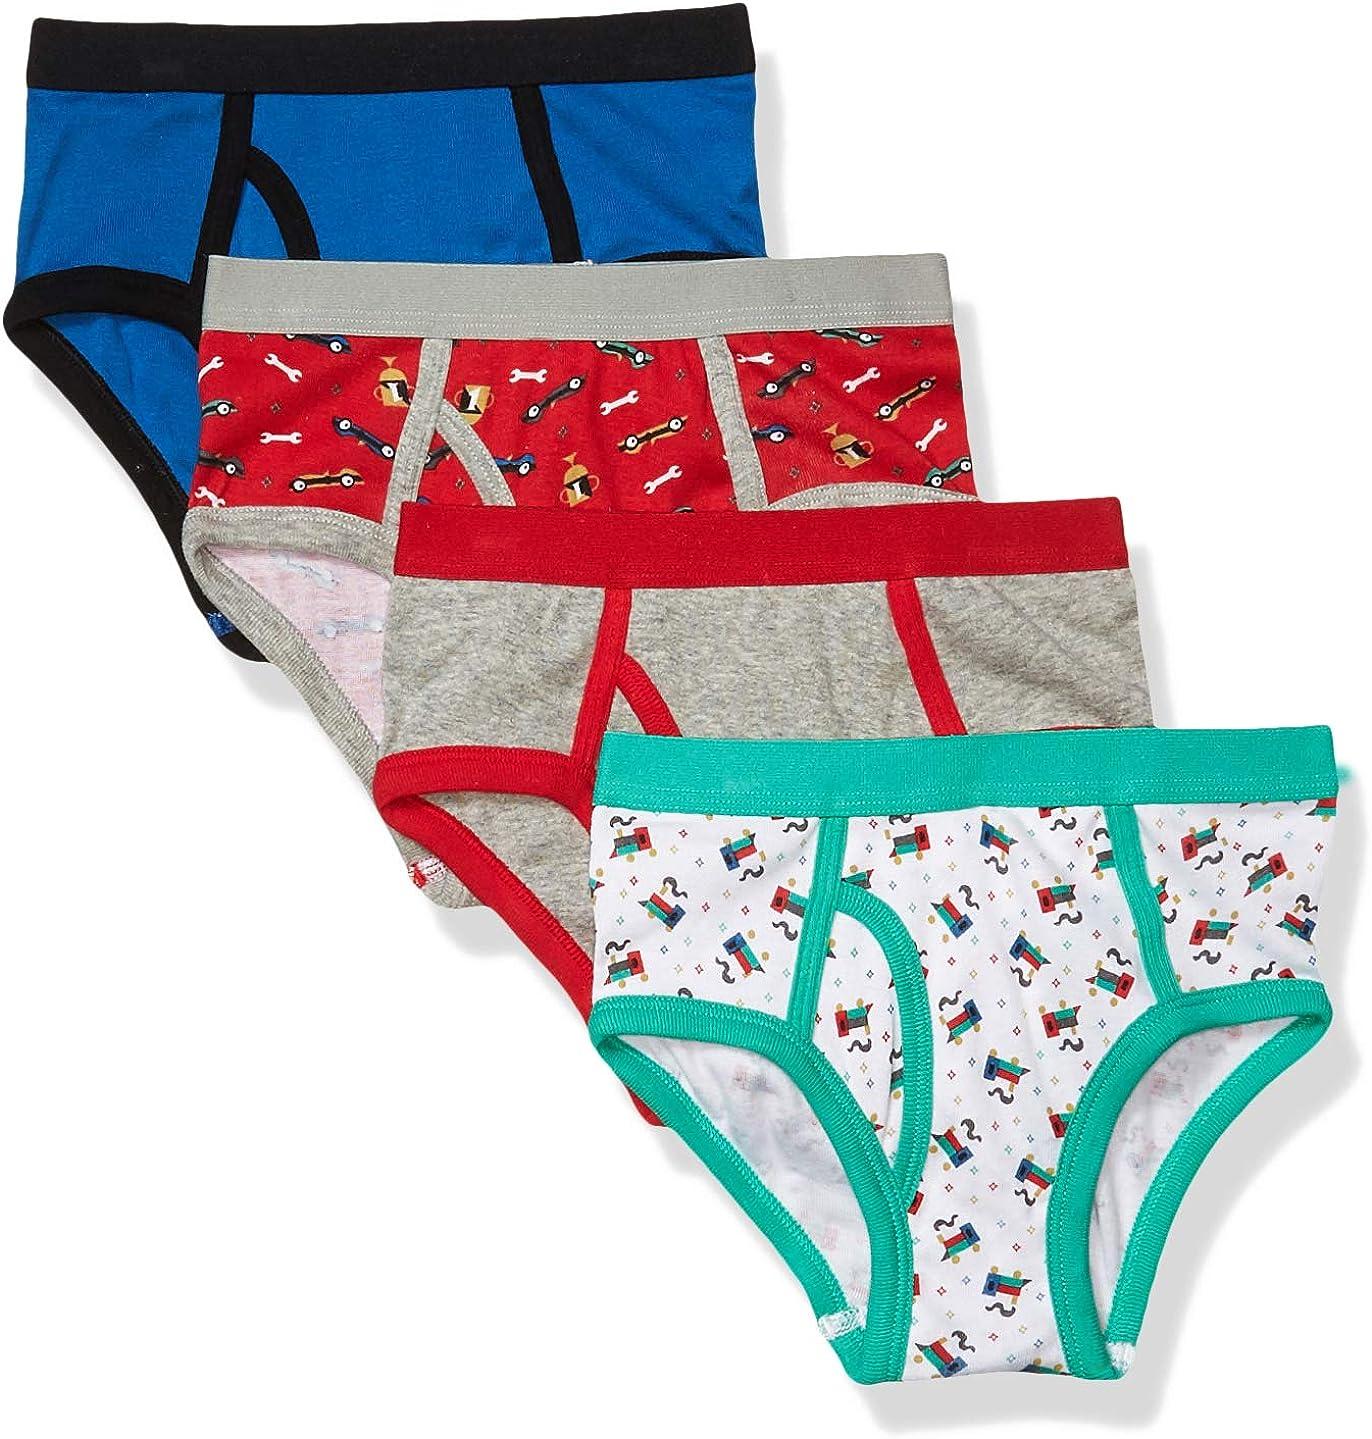 FAO Schwarz Boys' Cotton Boxer Briefs Underwear, Multipack